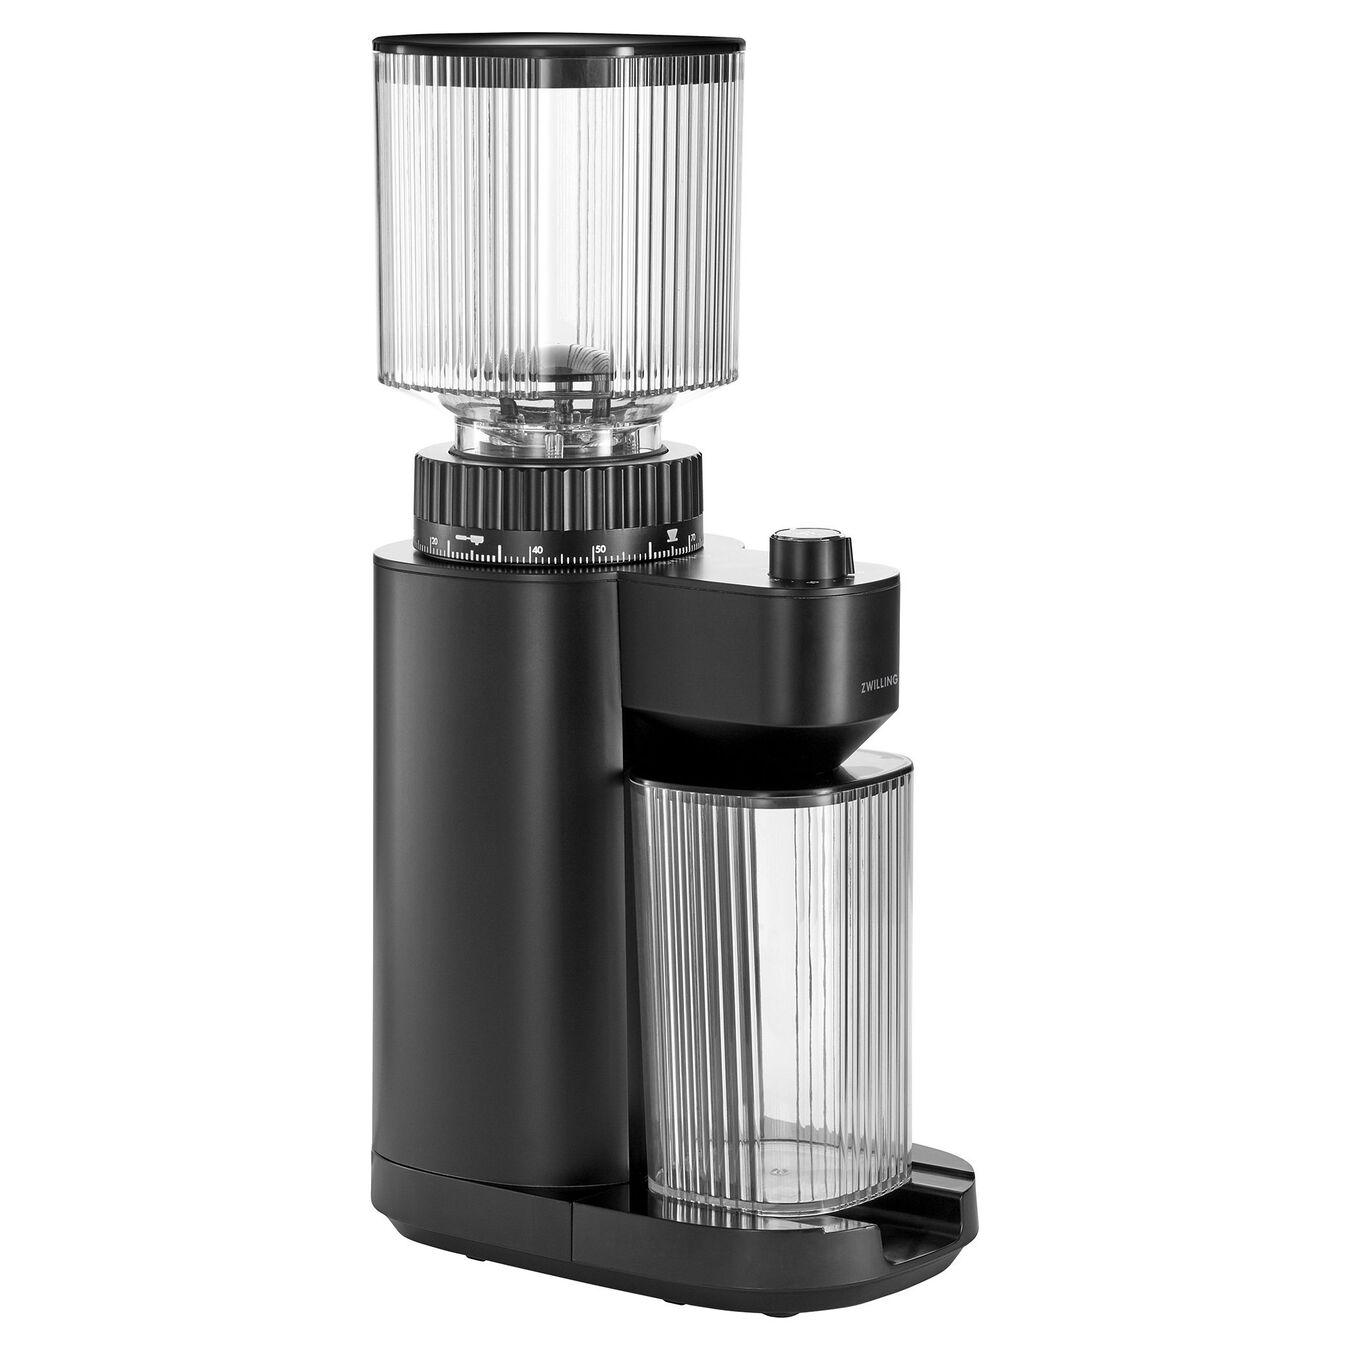 Coffee grinder,,large 2